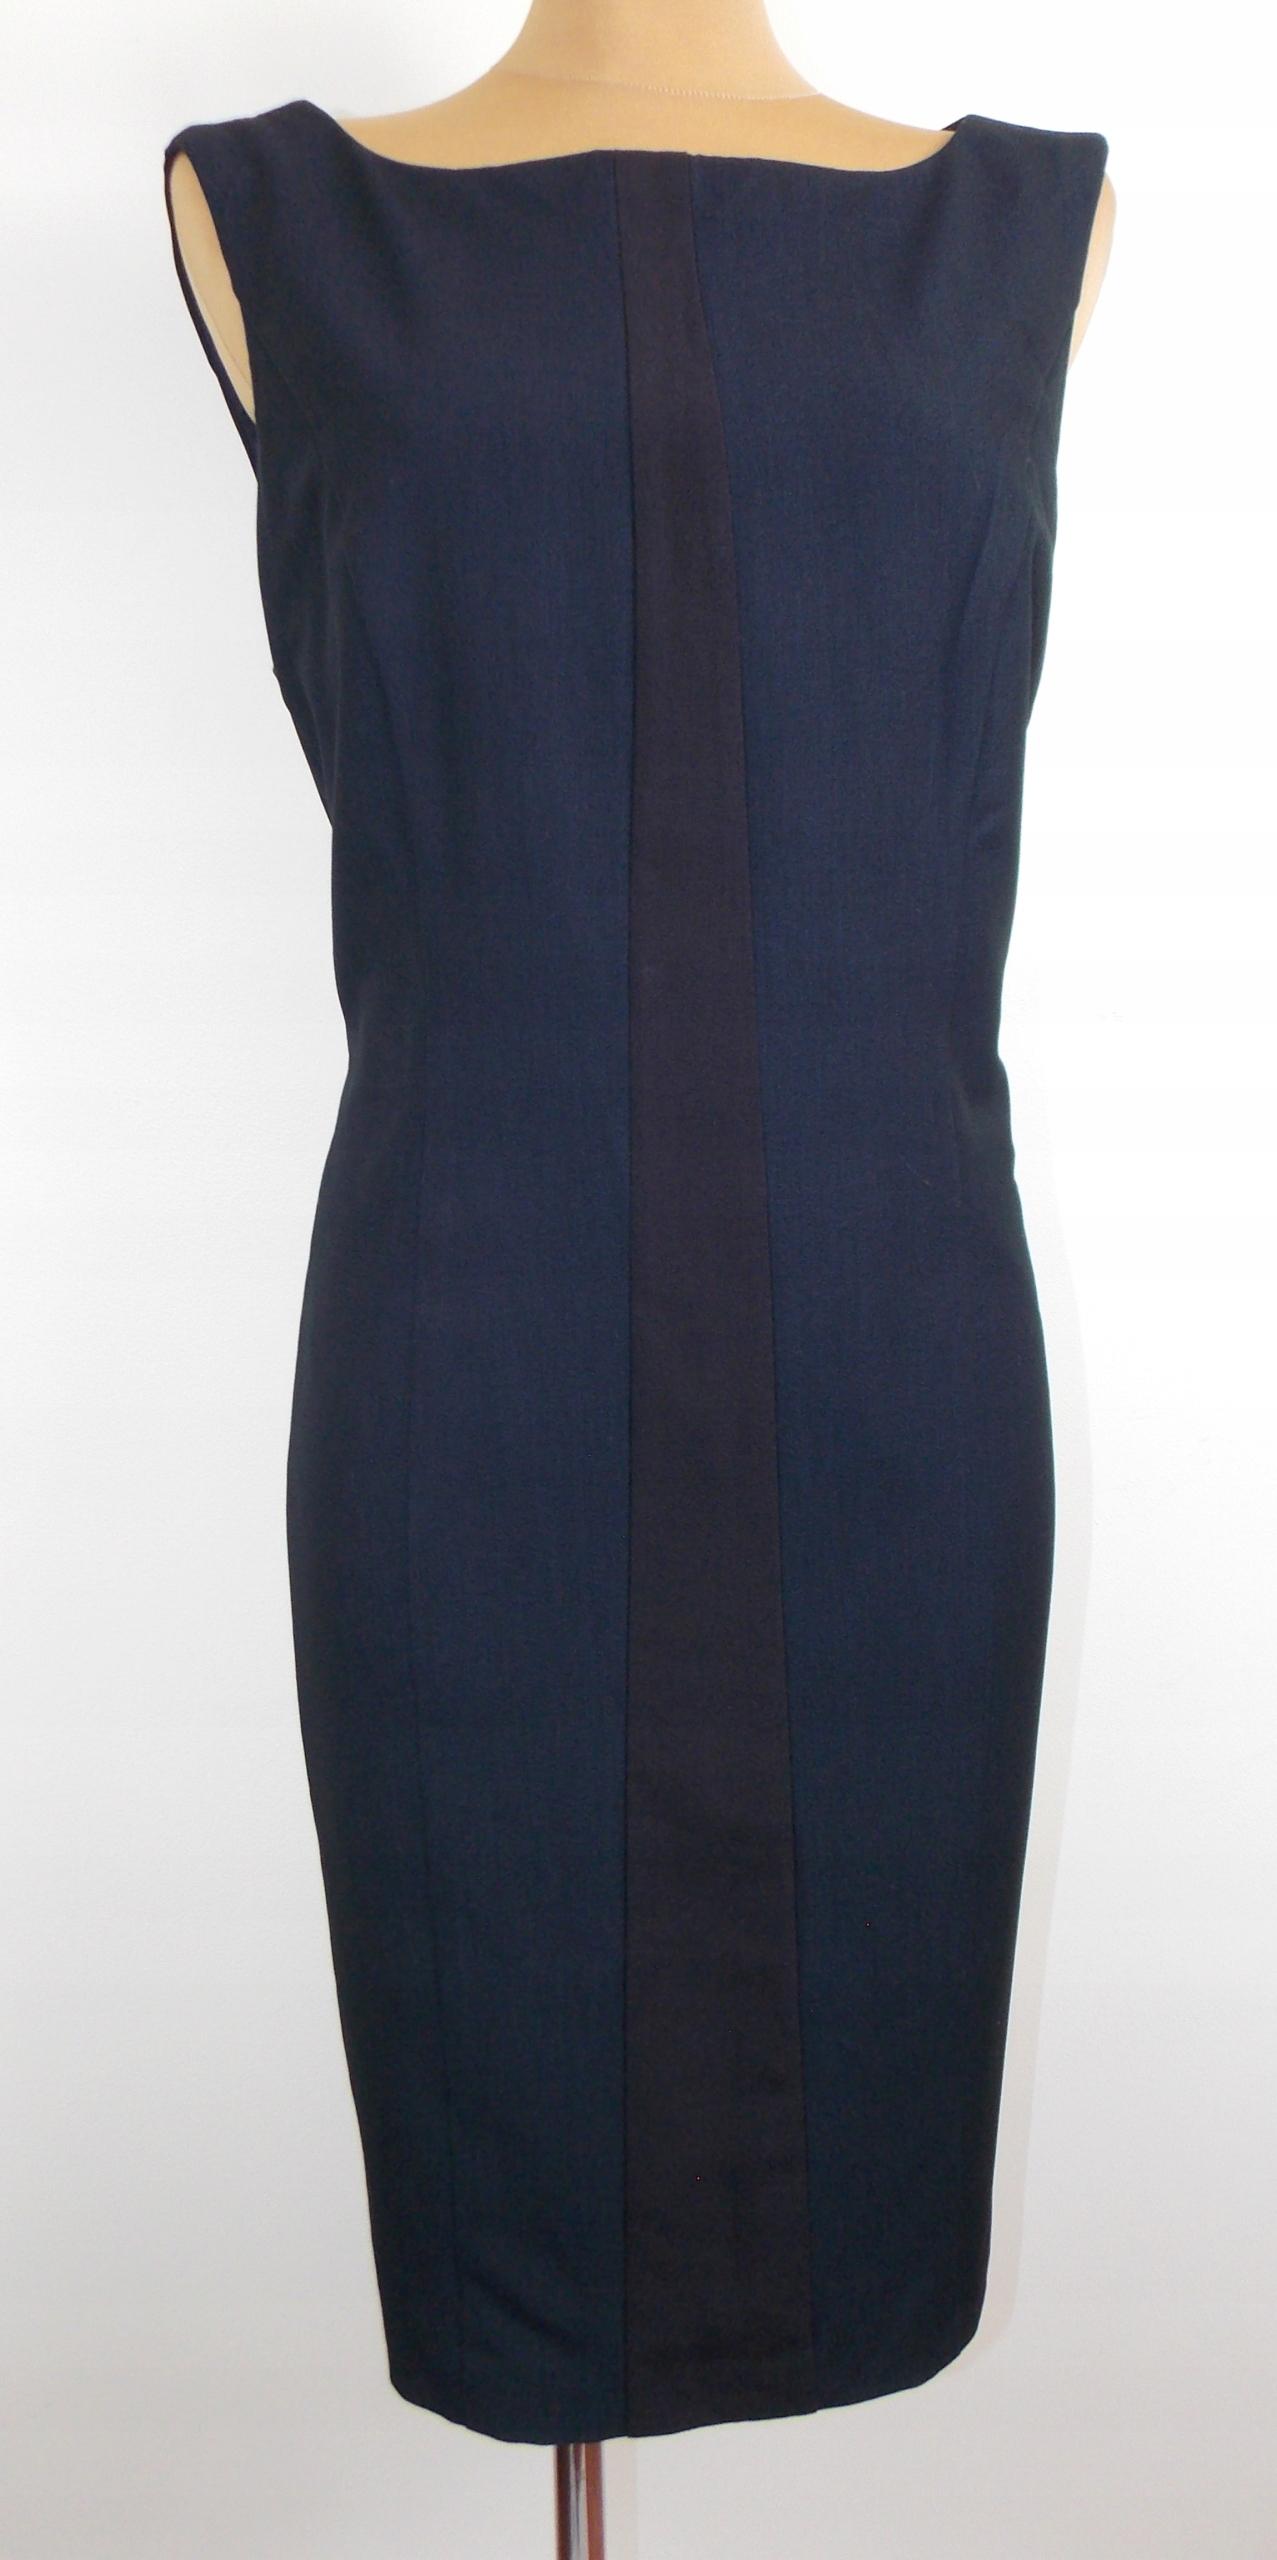 sukienka NEXT TALL klasyczna ołówkowa biuro 42